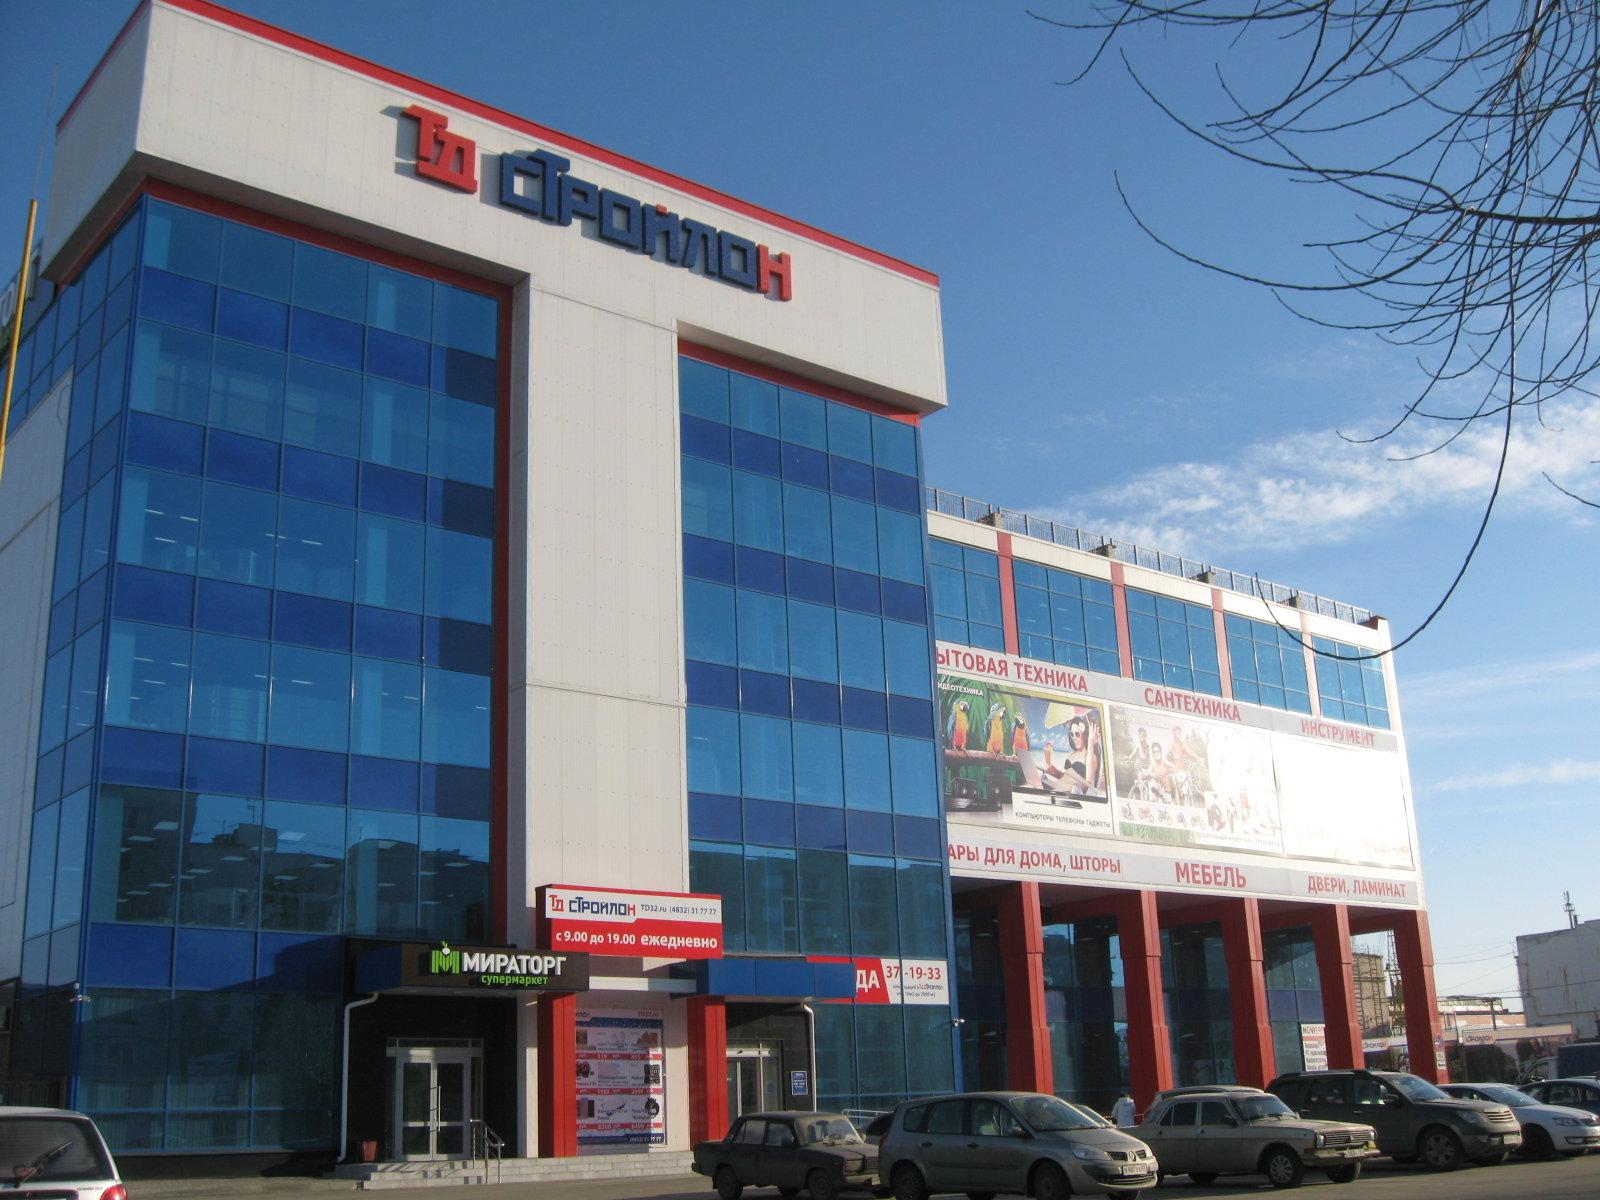 Из-за коронавируса в Брянске закрылся ТД «Стройлон»